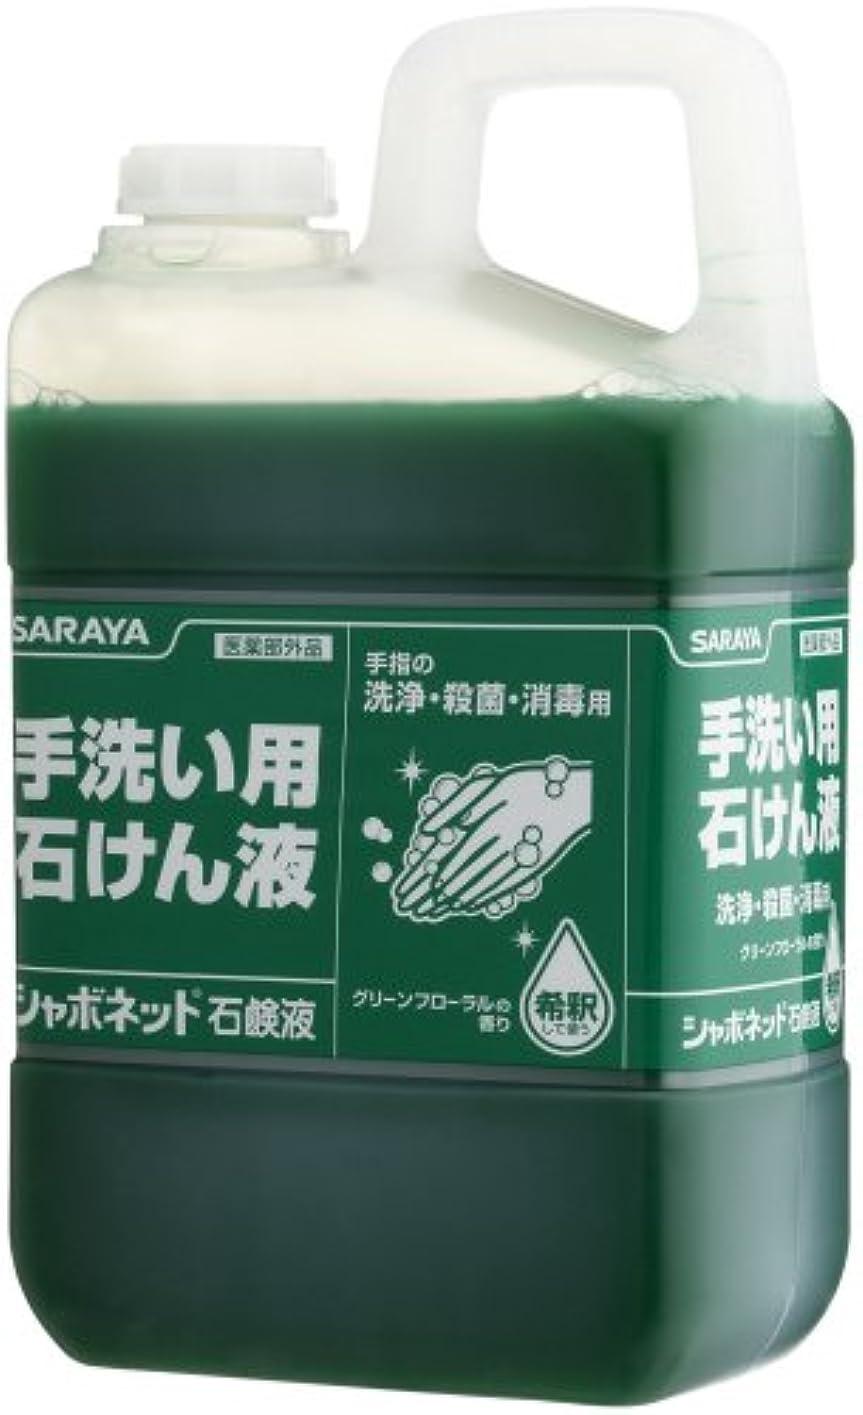 積極的に手綱インスタントサラヤ シャボネット 石鹸液 業務用 3kg